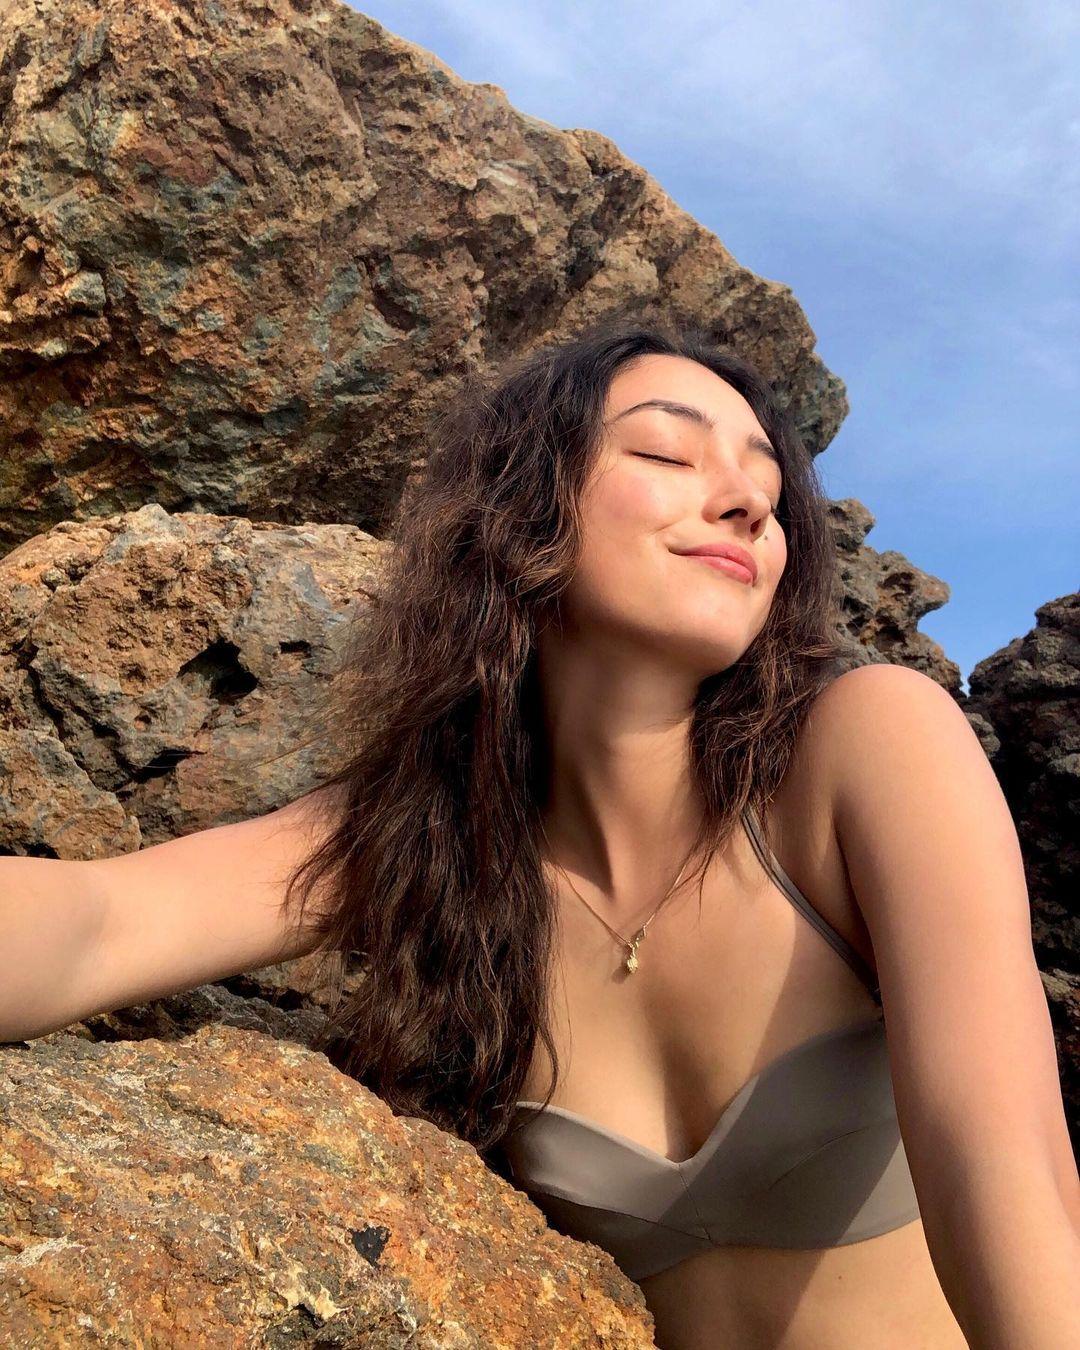 Natasha Liu Bordizzo tits